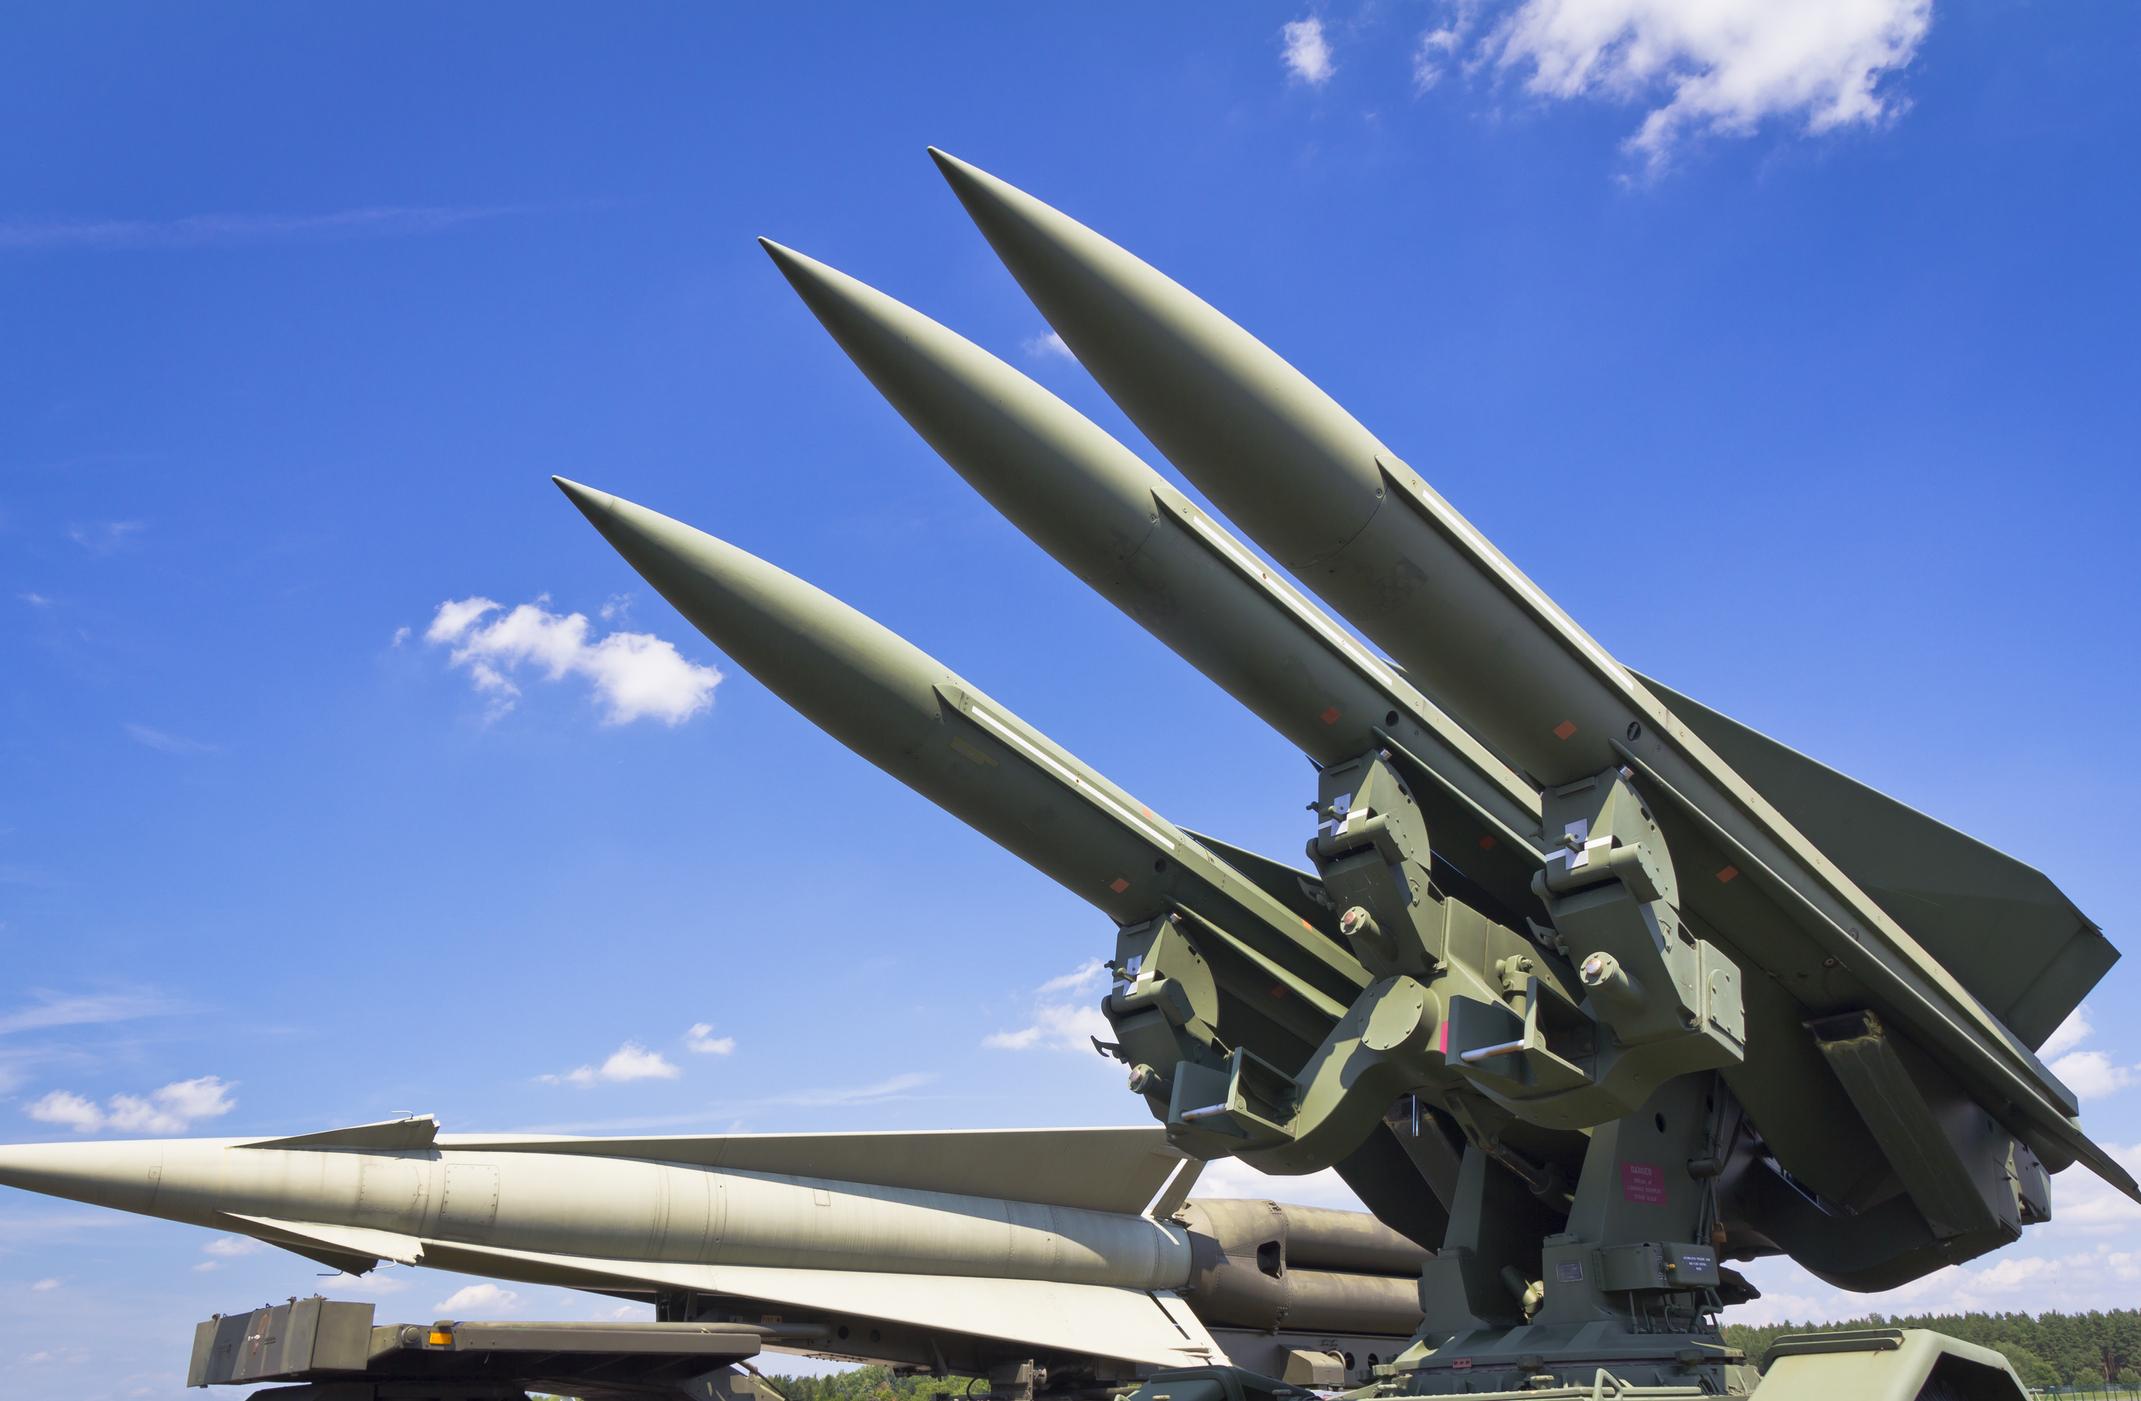 Exerciţii militare în Iran. Rachete balistice trase asupra unor ţinte pe mare